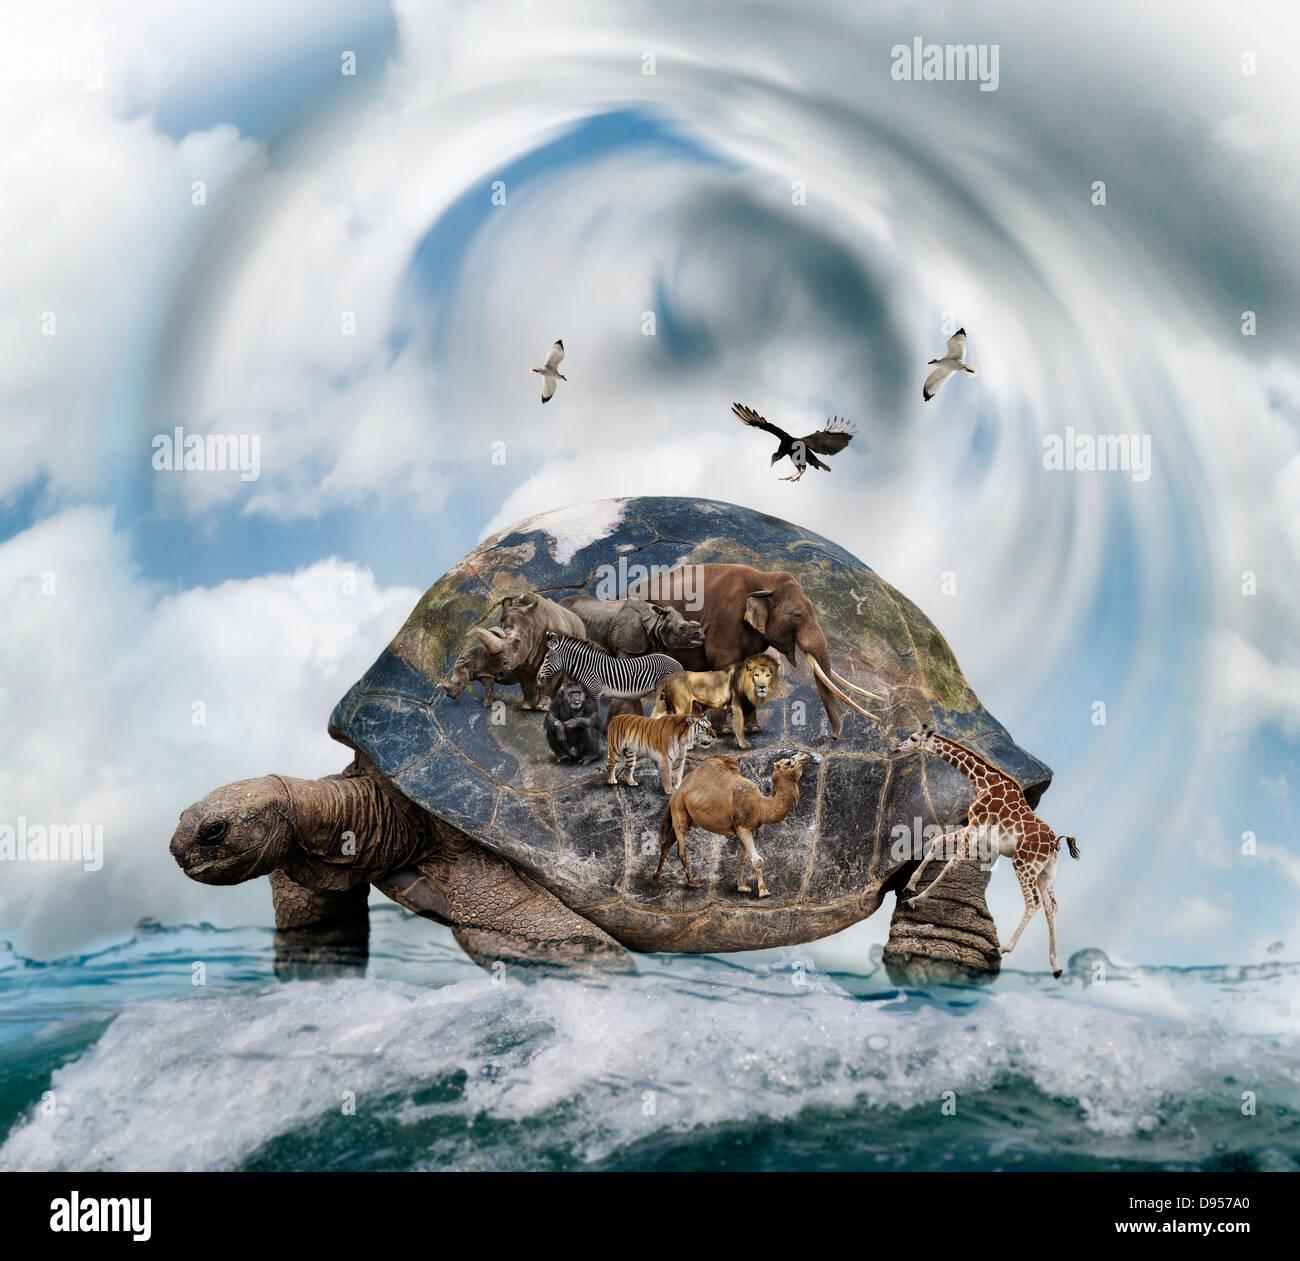 Mundo Concepto de tortugas que lleven animales Imagen De Stock